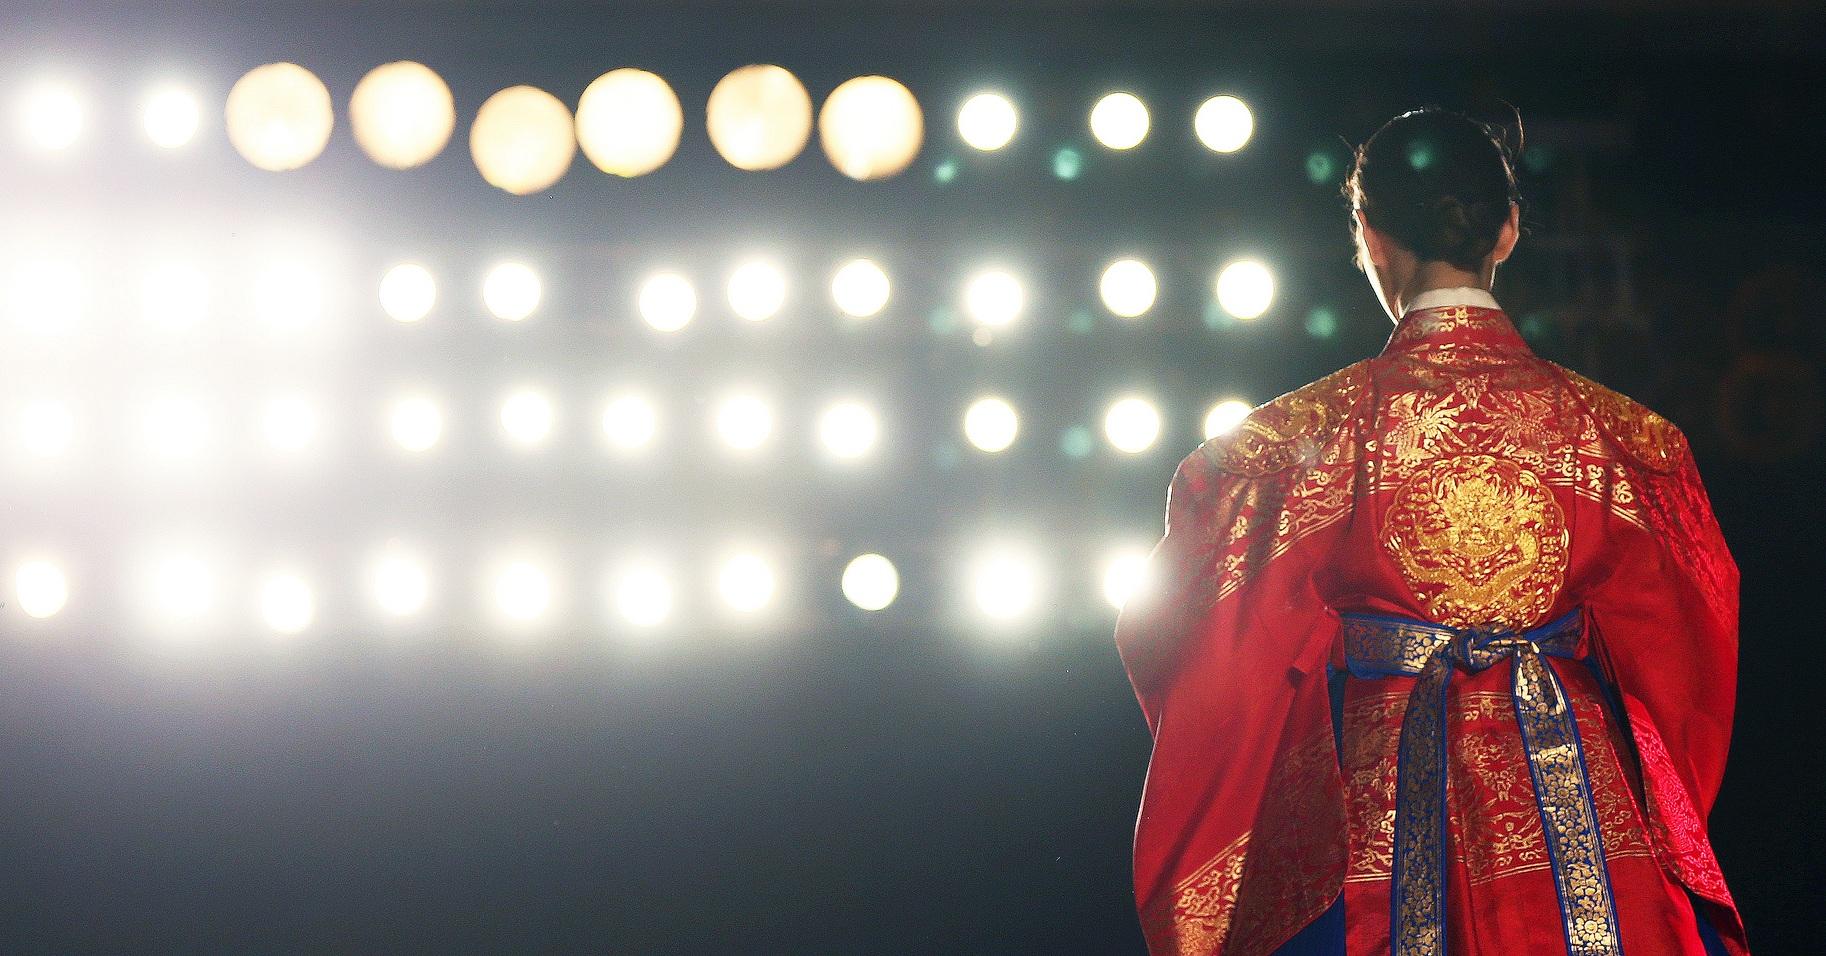 Sárkánymotívummal díszített uralkodói hanbok egy divatbemutatón (forrás: korea-net)